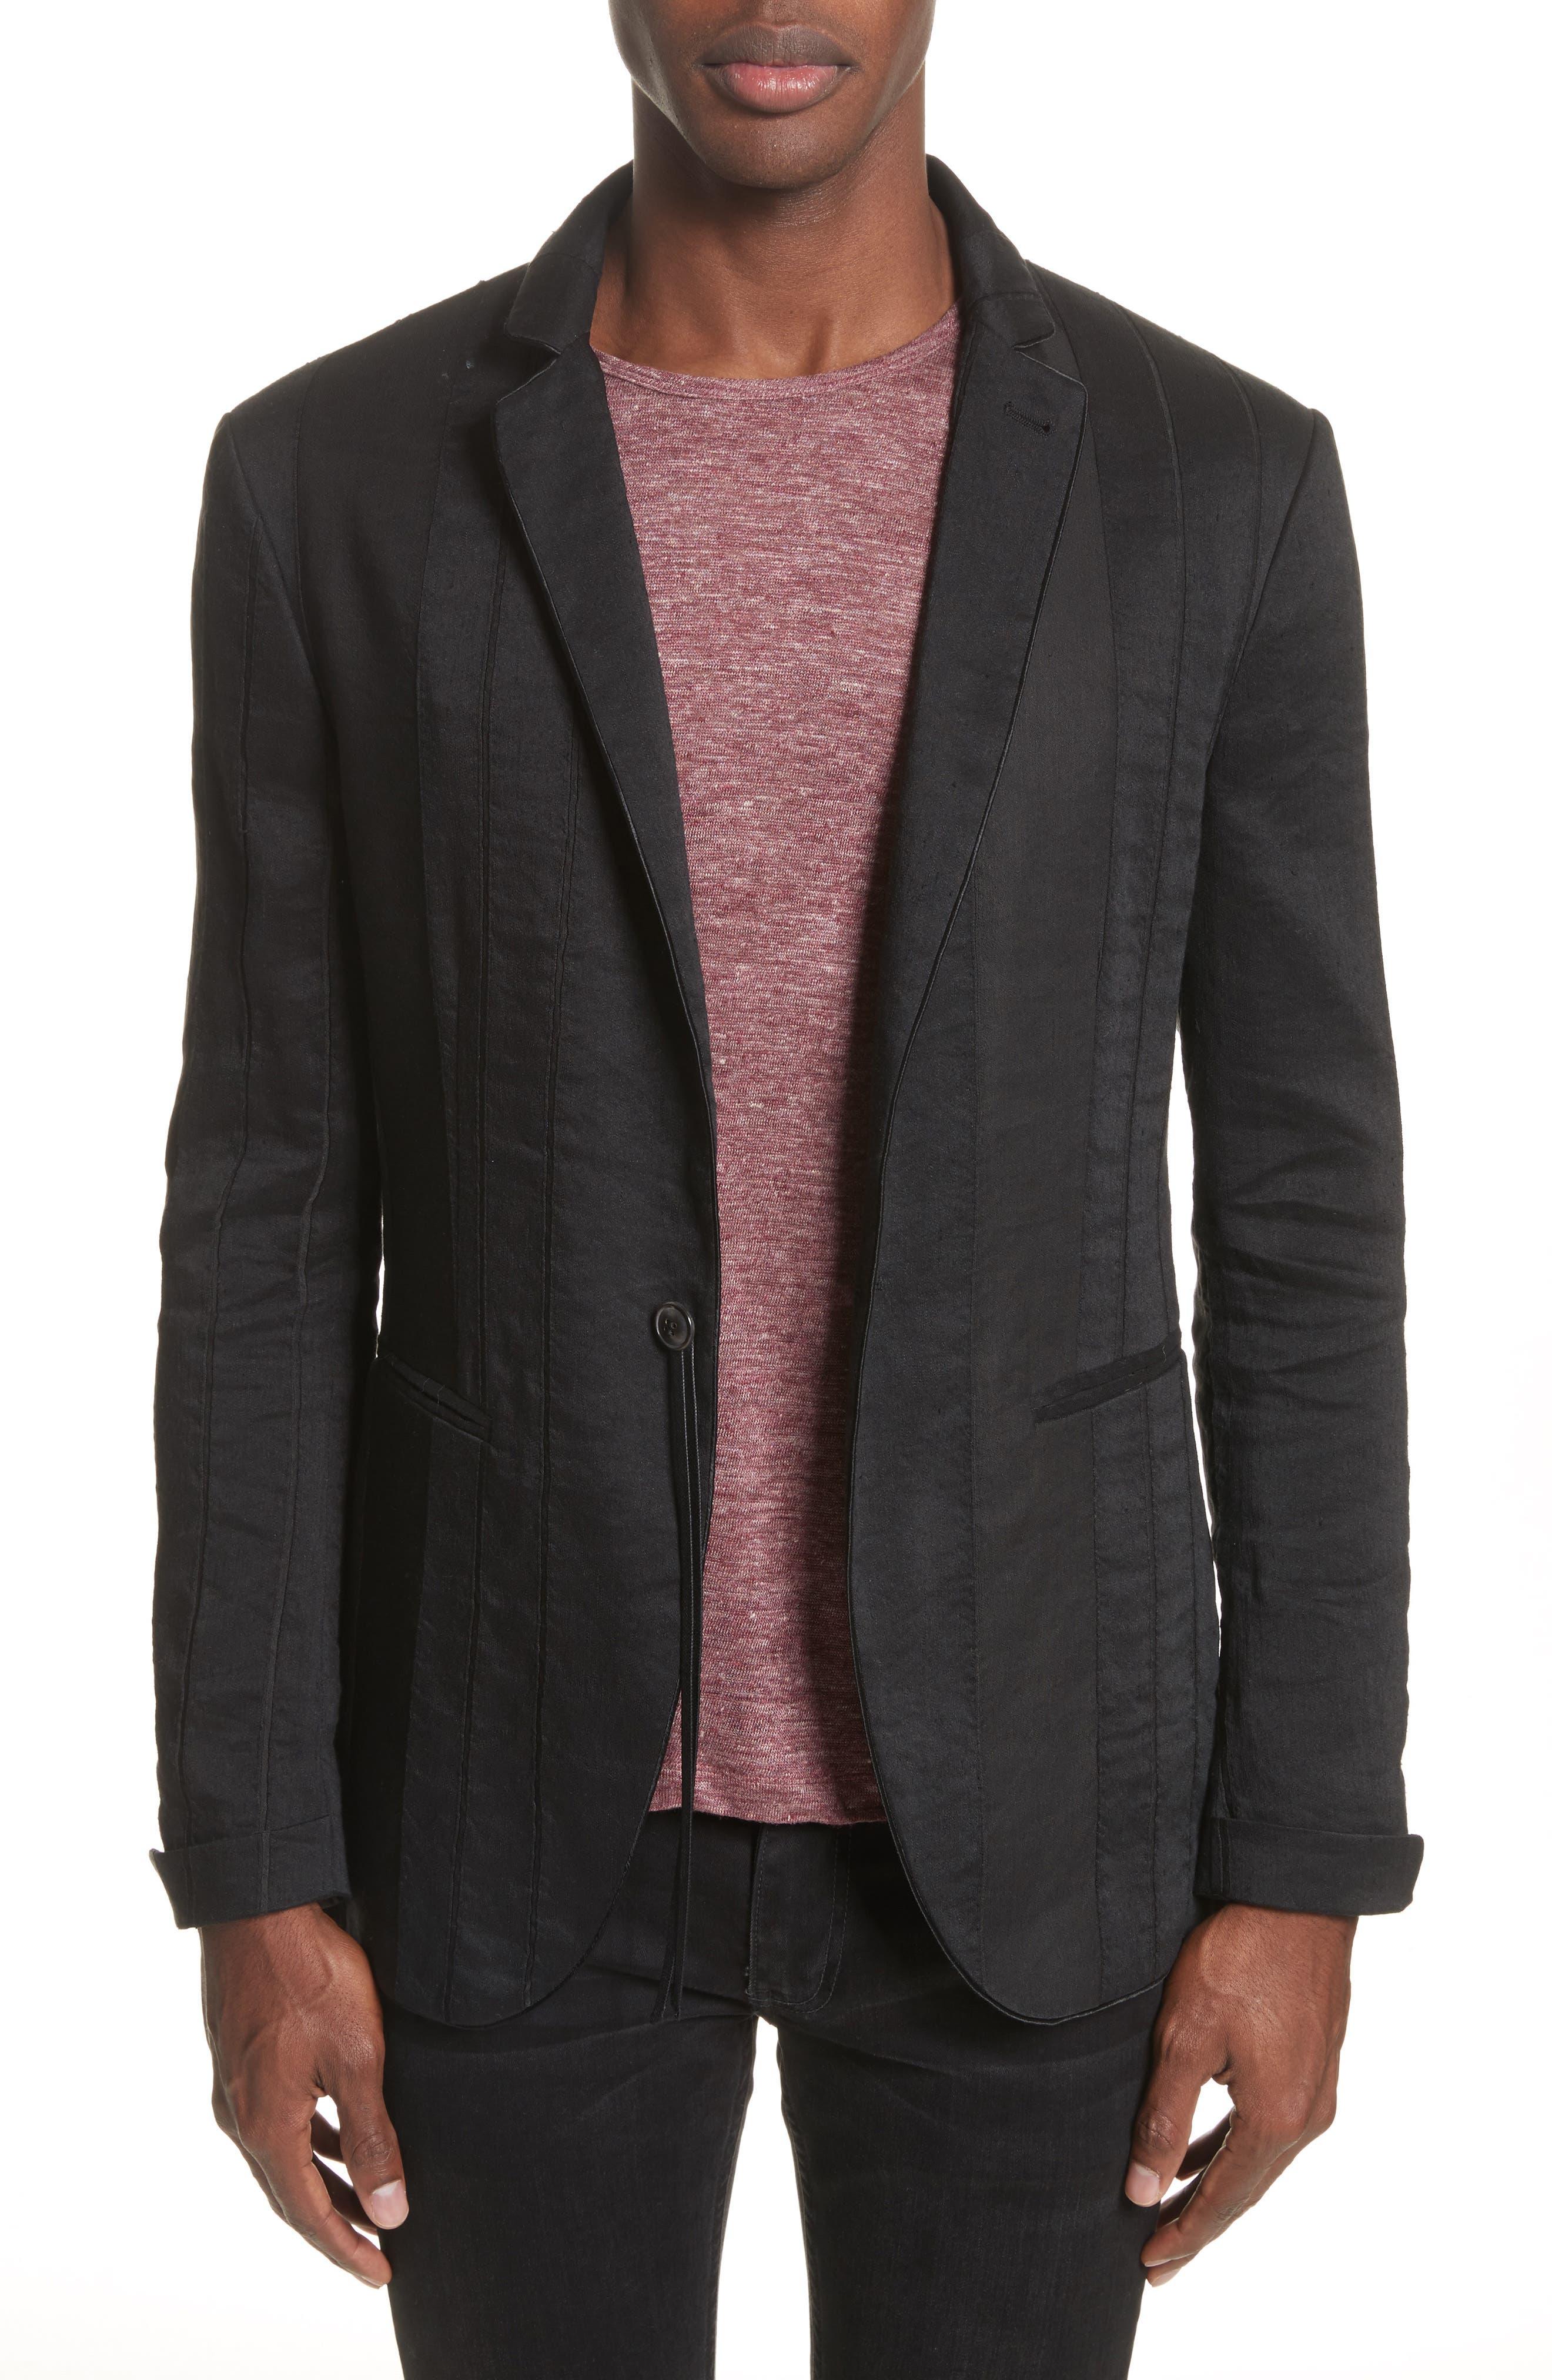 Main Image - John Varvatos Collection Slim Fit Linen Blend Blazer